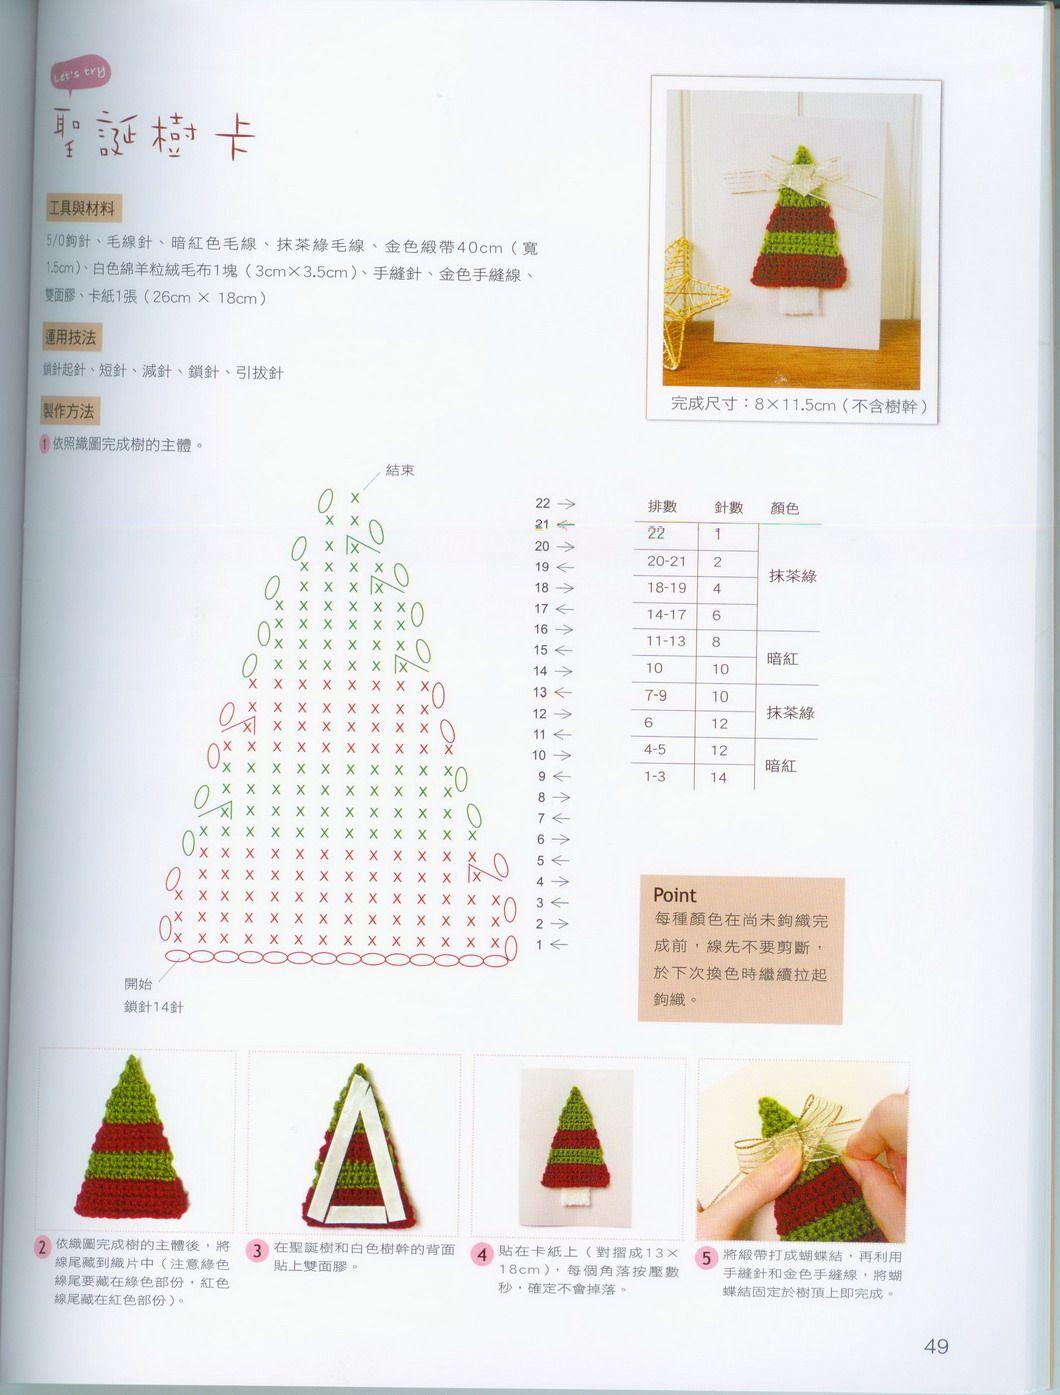 Amigurumi Halloween Schemi Gratis : ghirlanda albero di natale amigurumi 2 - magiedifilo.it ...